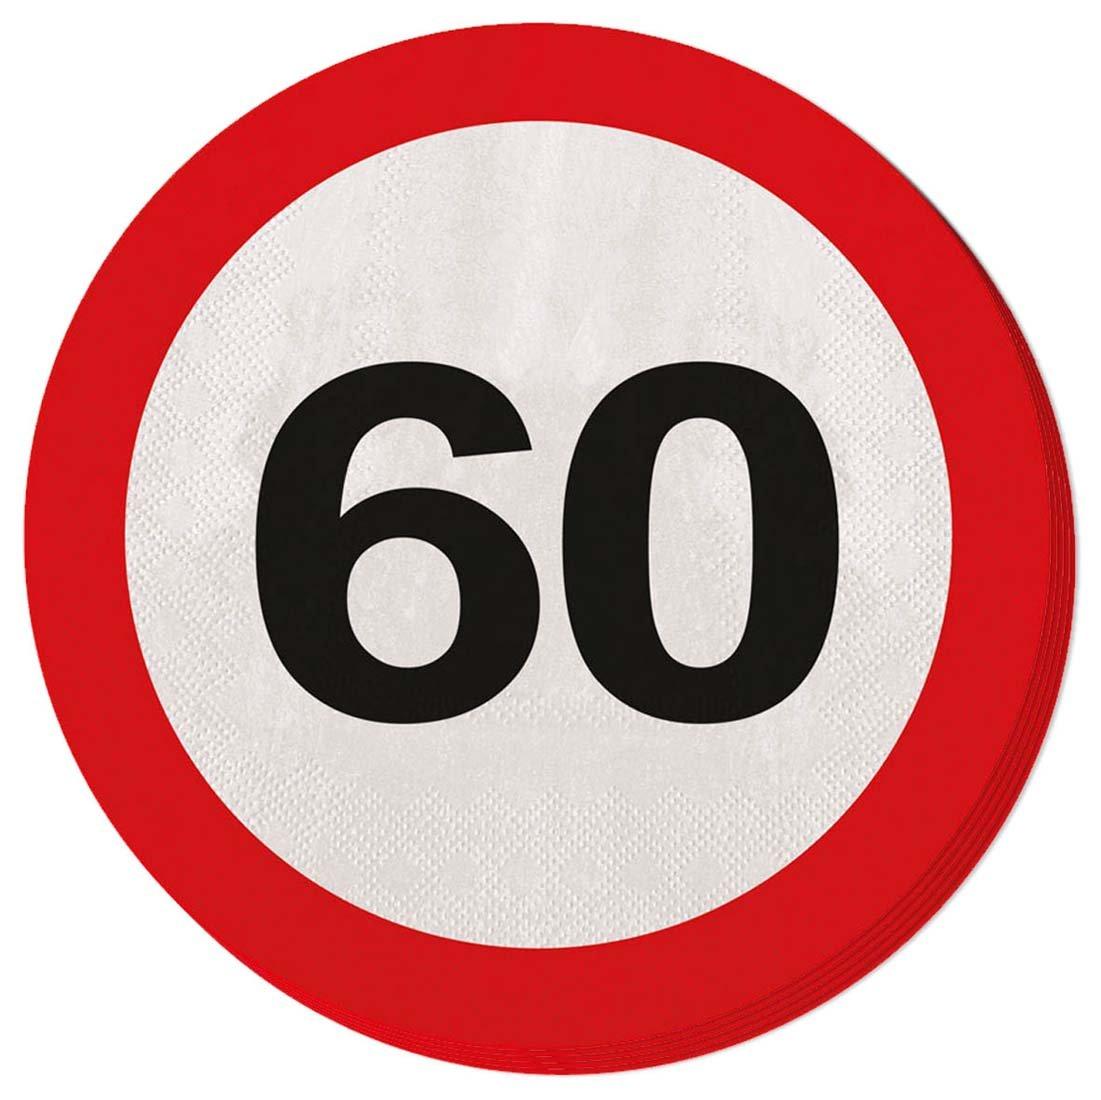 Toalla de papel para fiesta Servilletas 60 cumpleaños señal ...